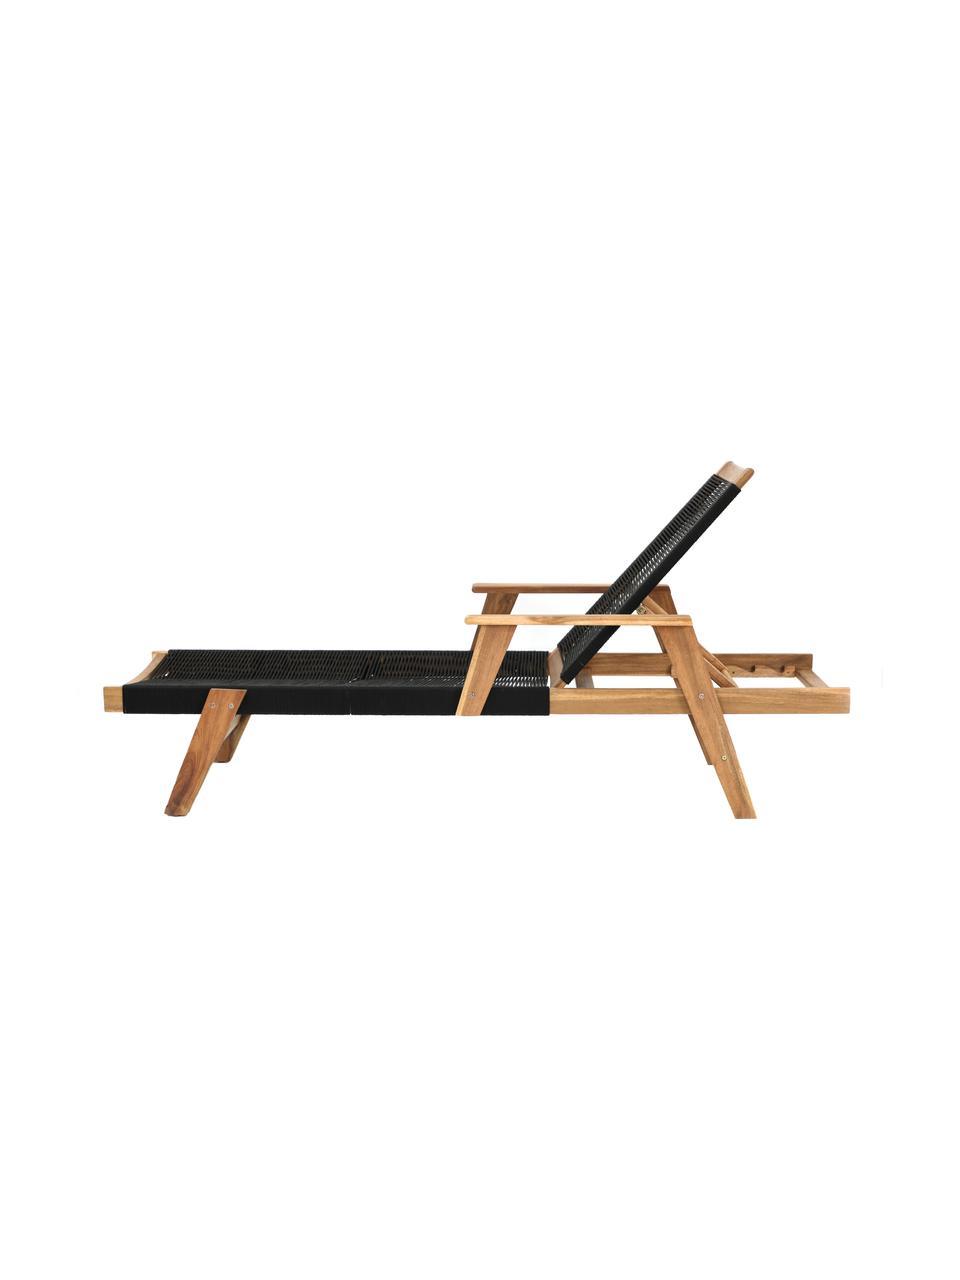 Lettino prendisole Little John, Superficie: corda rivestita, Struttura: legno di acacia, Nero, beige, Lung. 200 x Larg. 73 cm